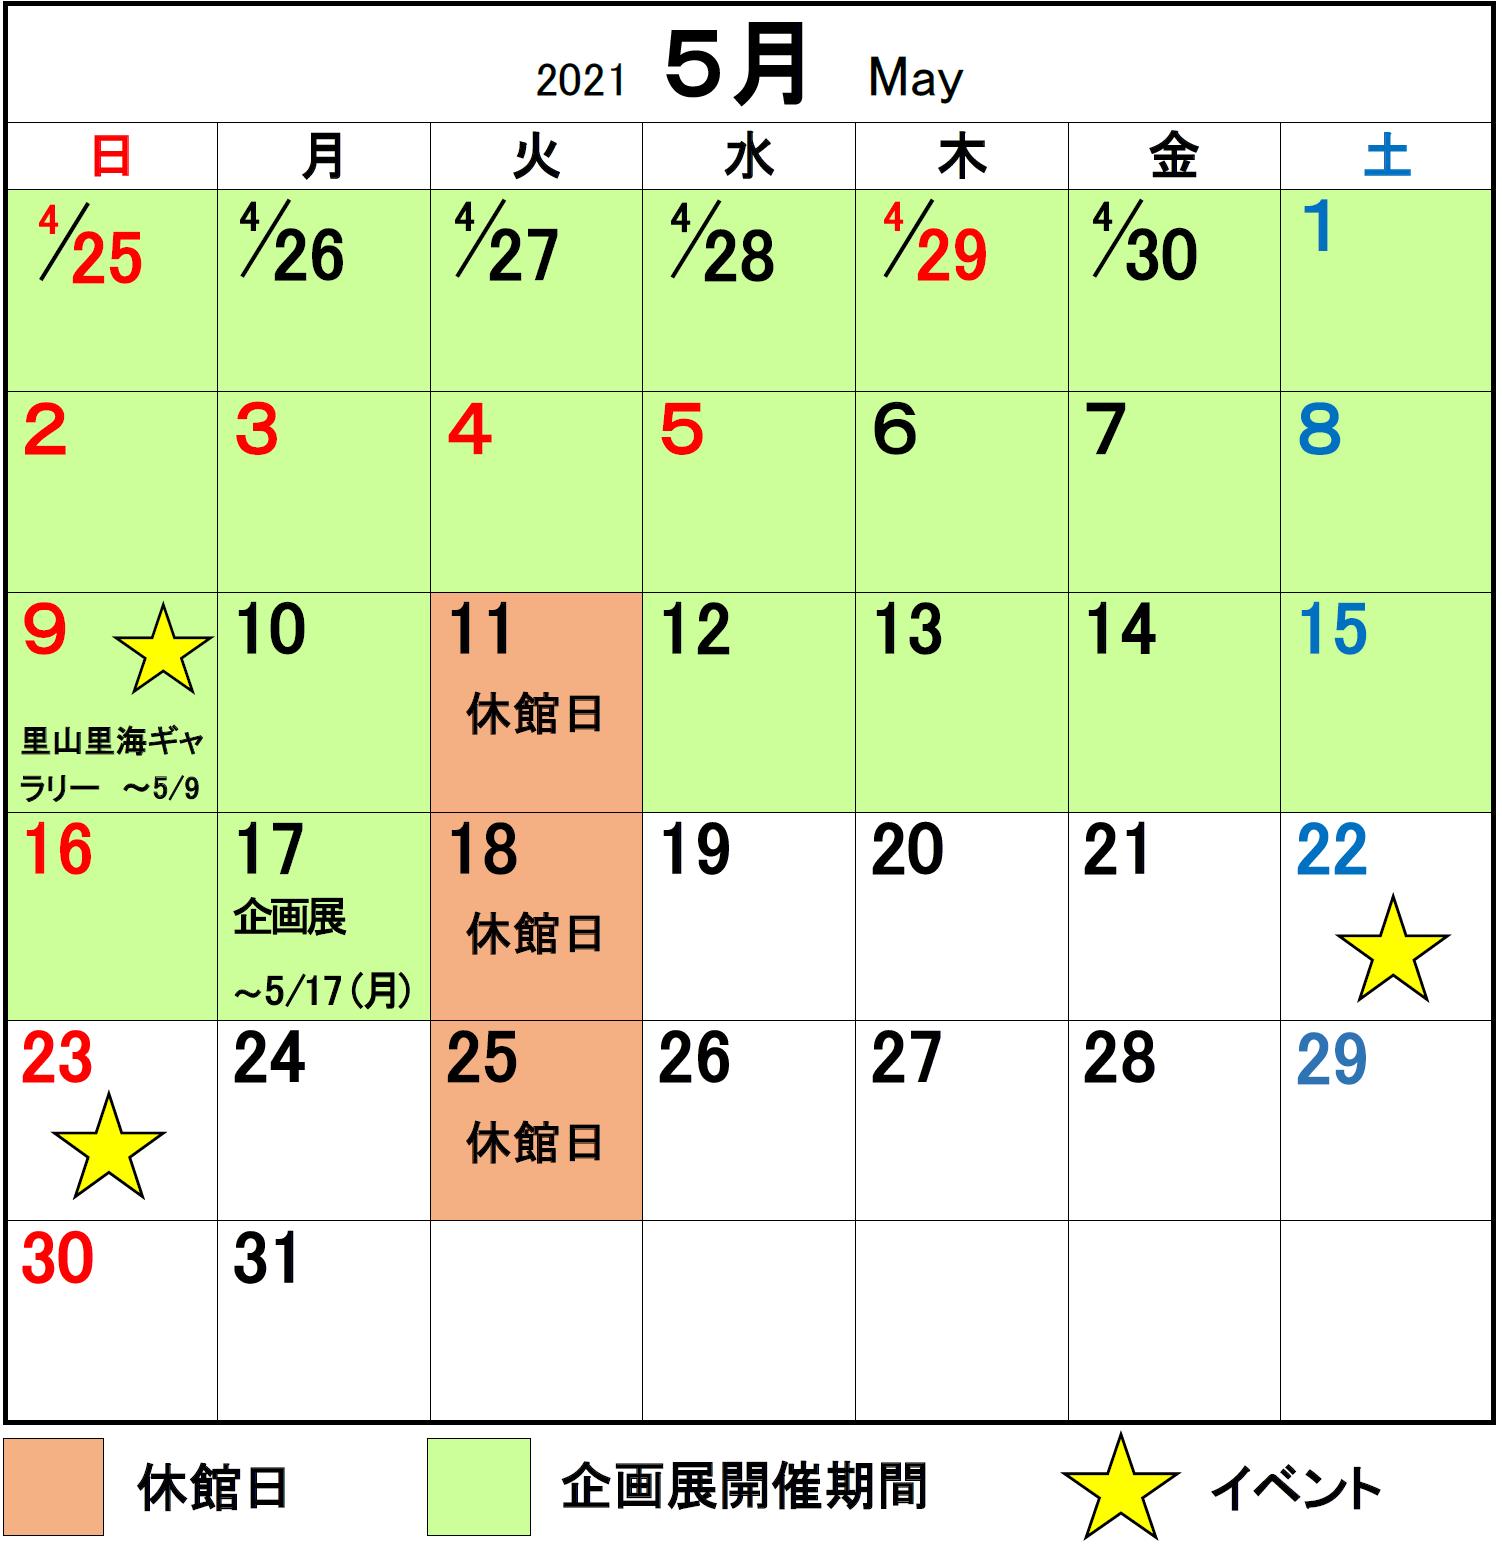 5月のミュージアムカレンダーのイメージ